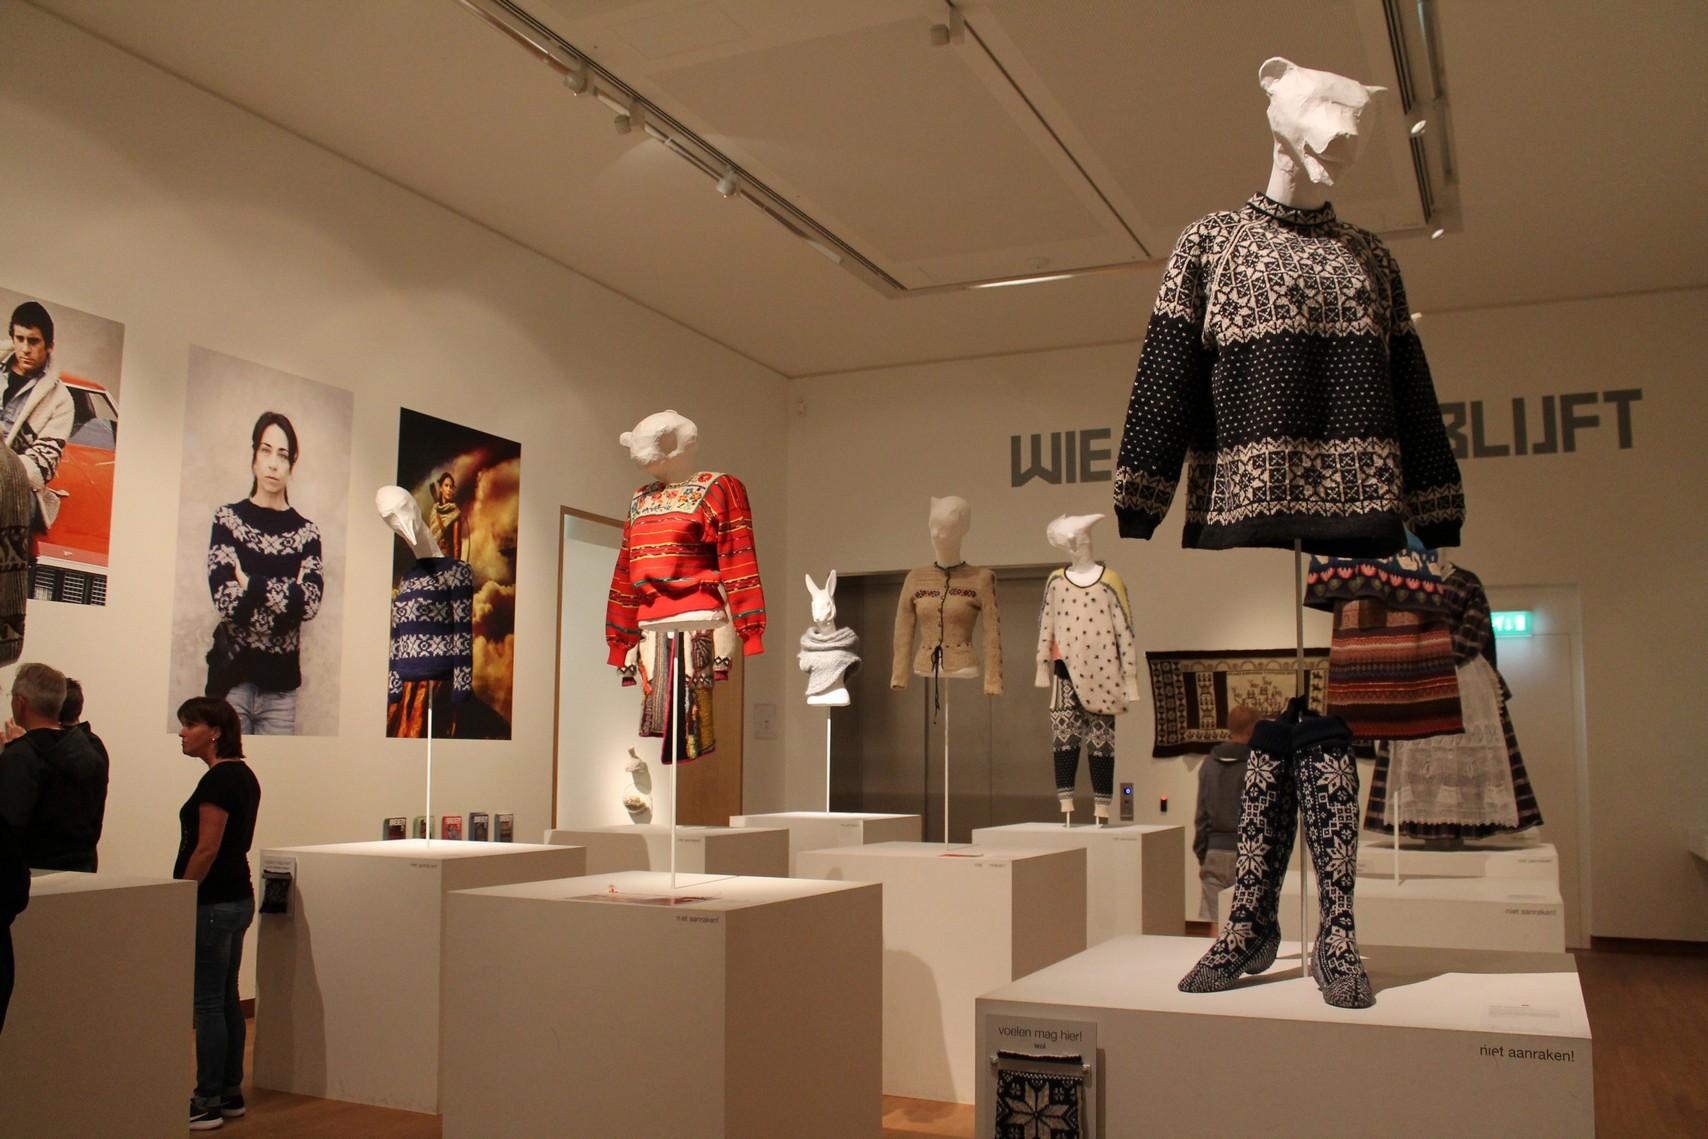 Friesmuseum6